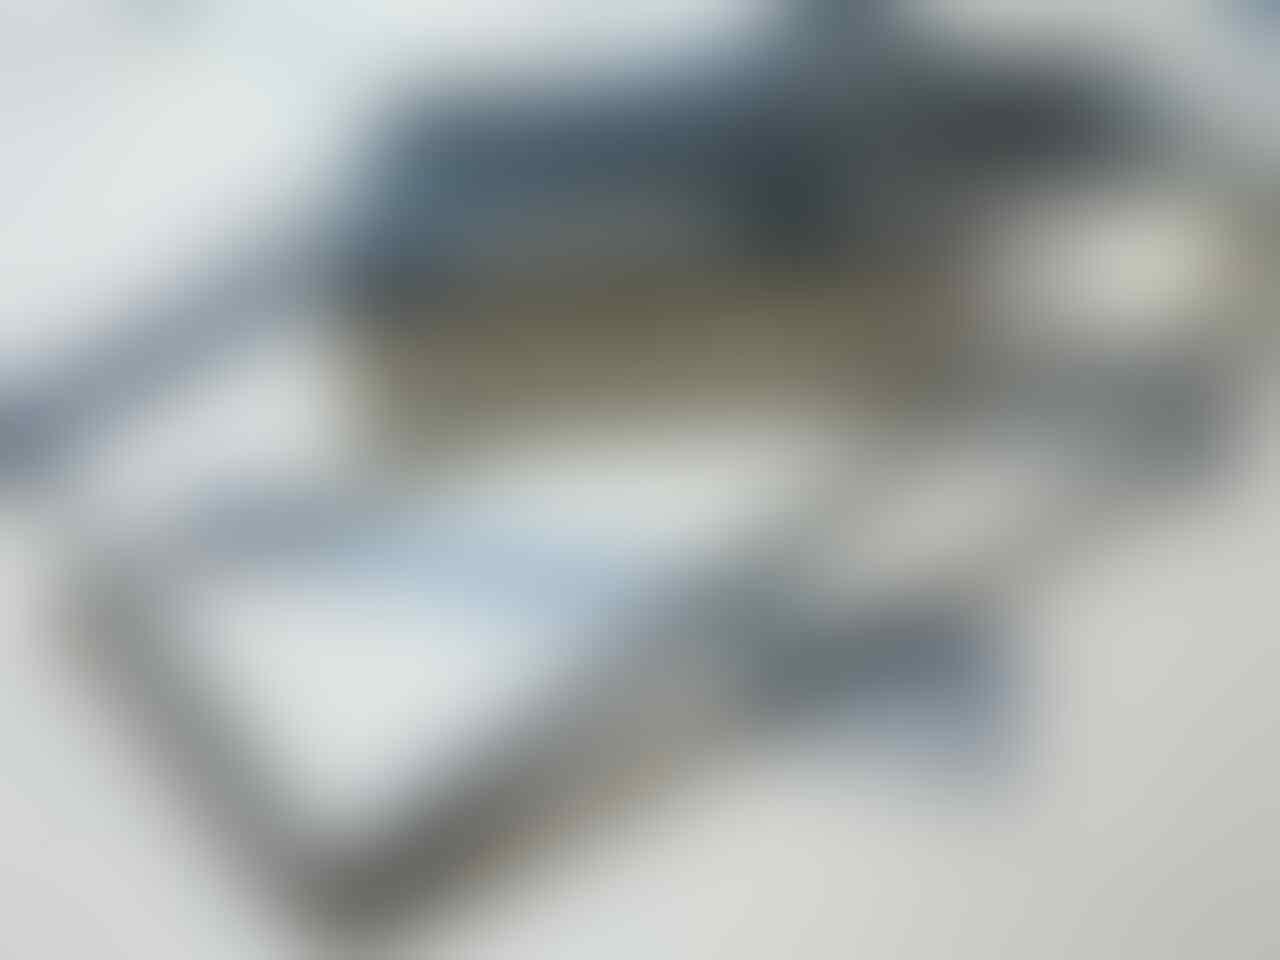 - Gold Line Metal Bumper for Sony Xperia Z1, Z2, Z3 - www.gadgetgum.com